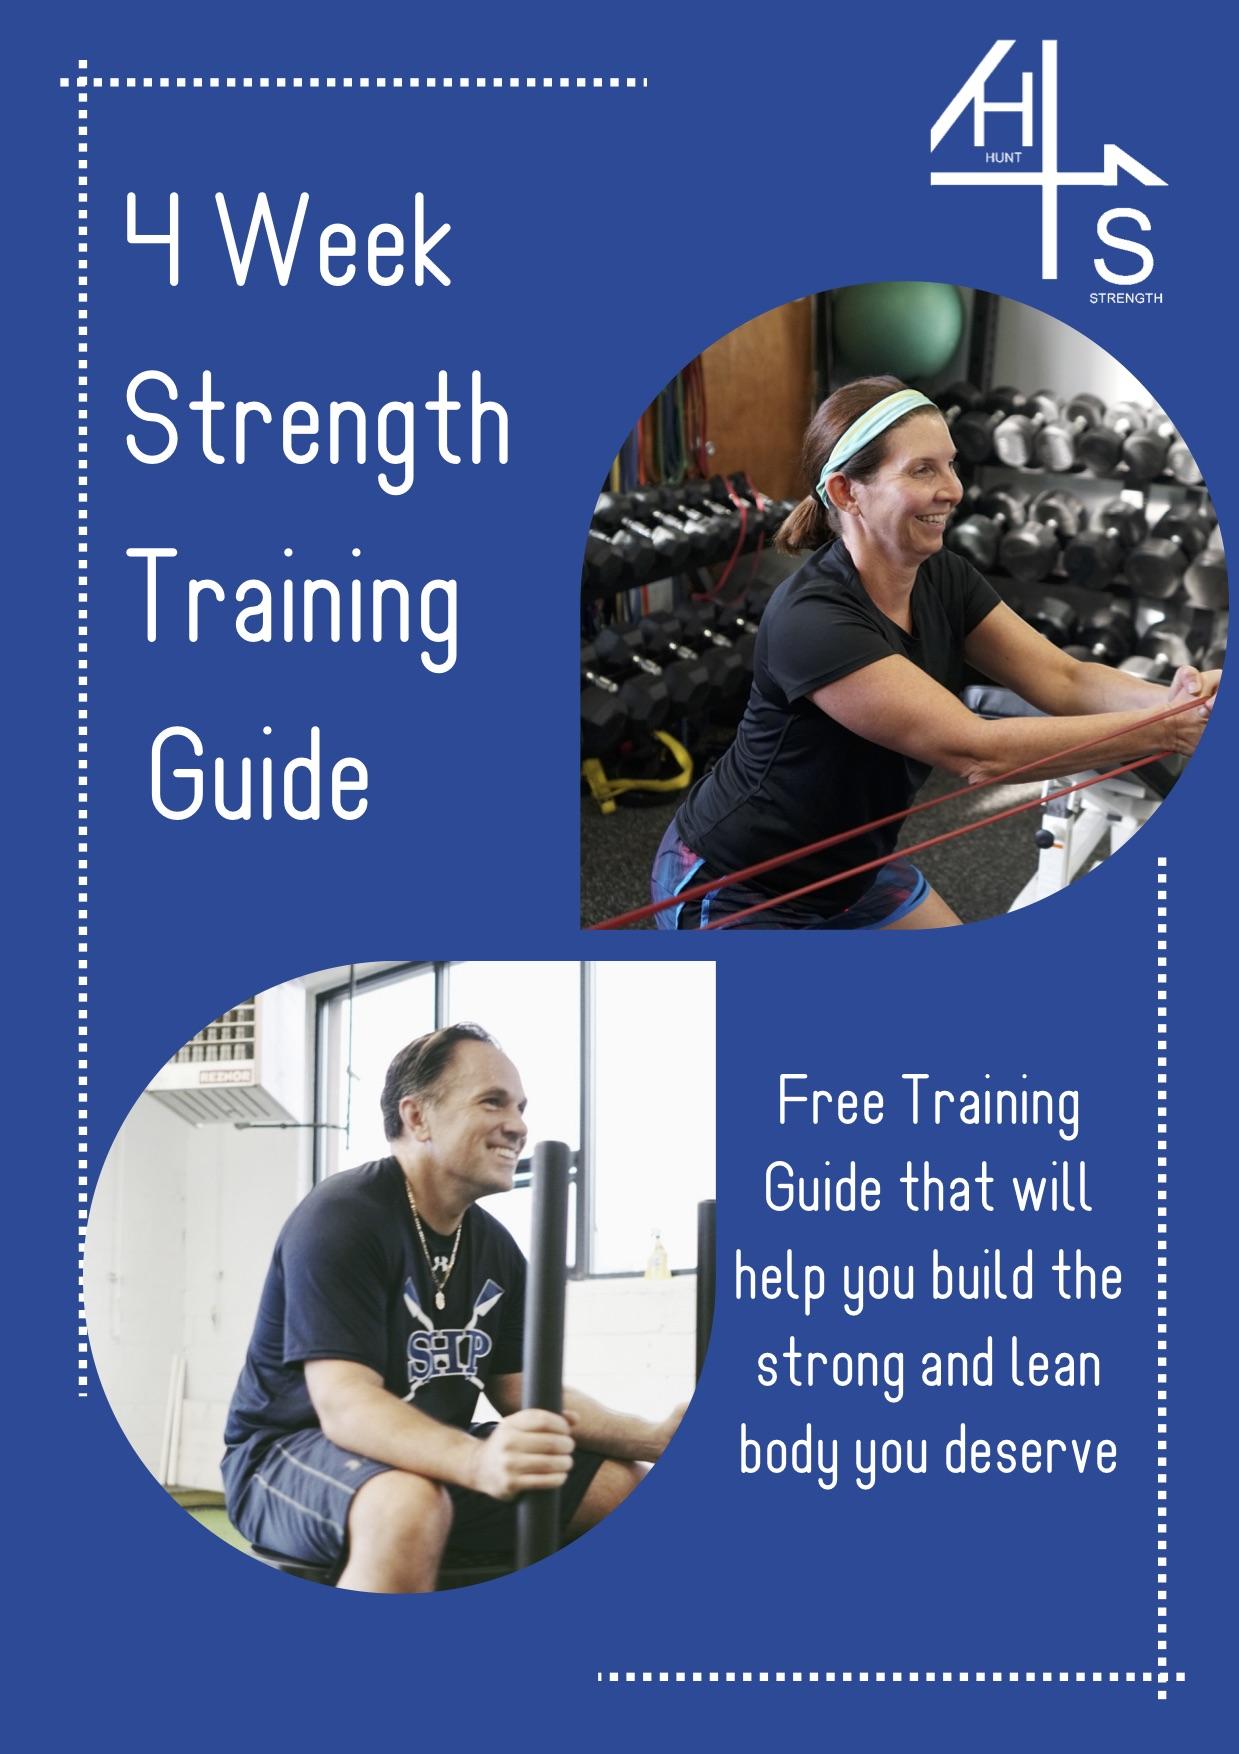 4 Week Strength Training Guide.jpg